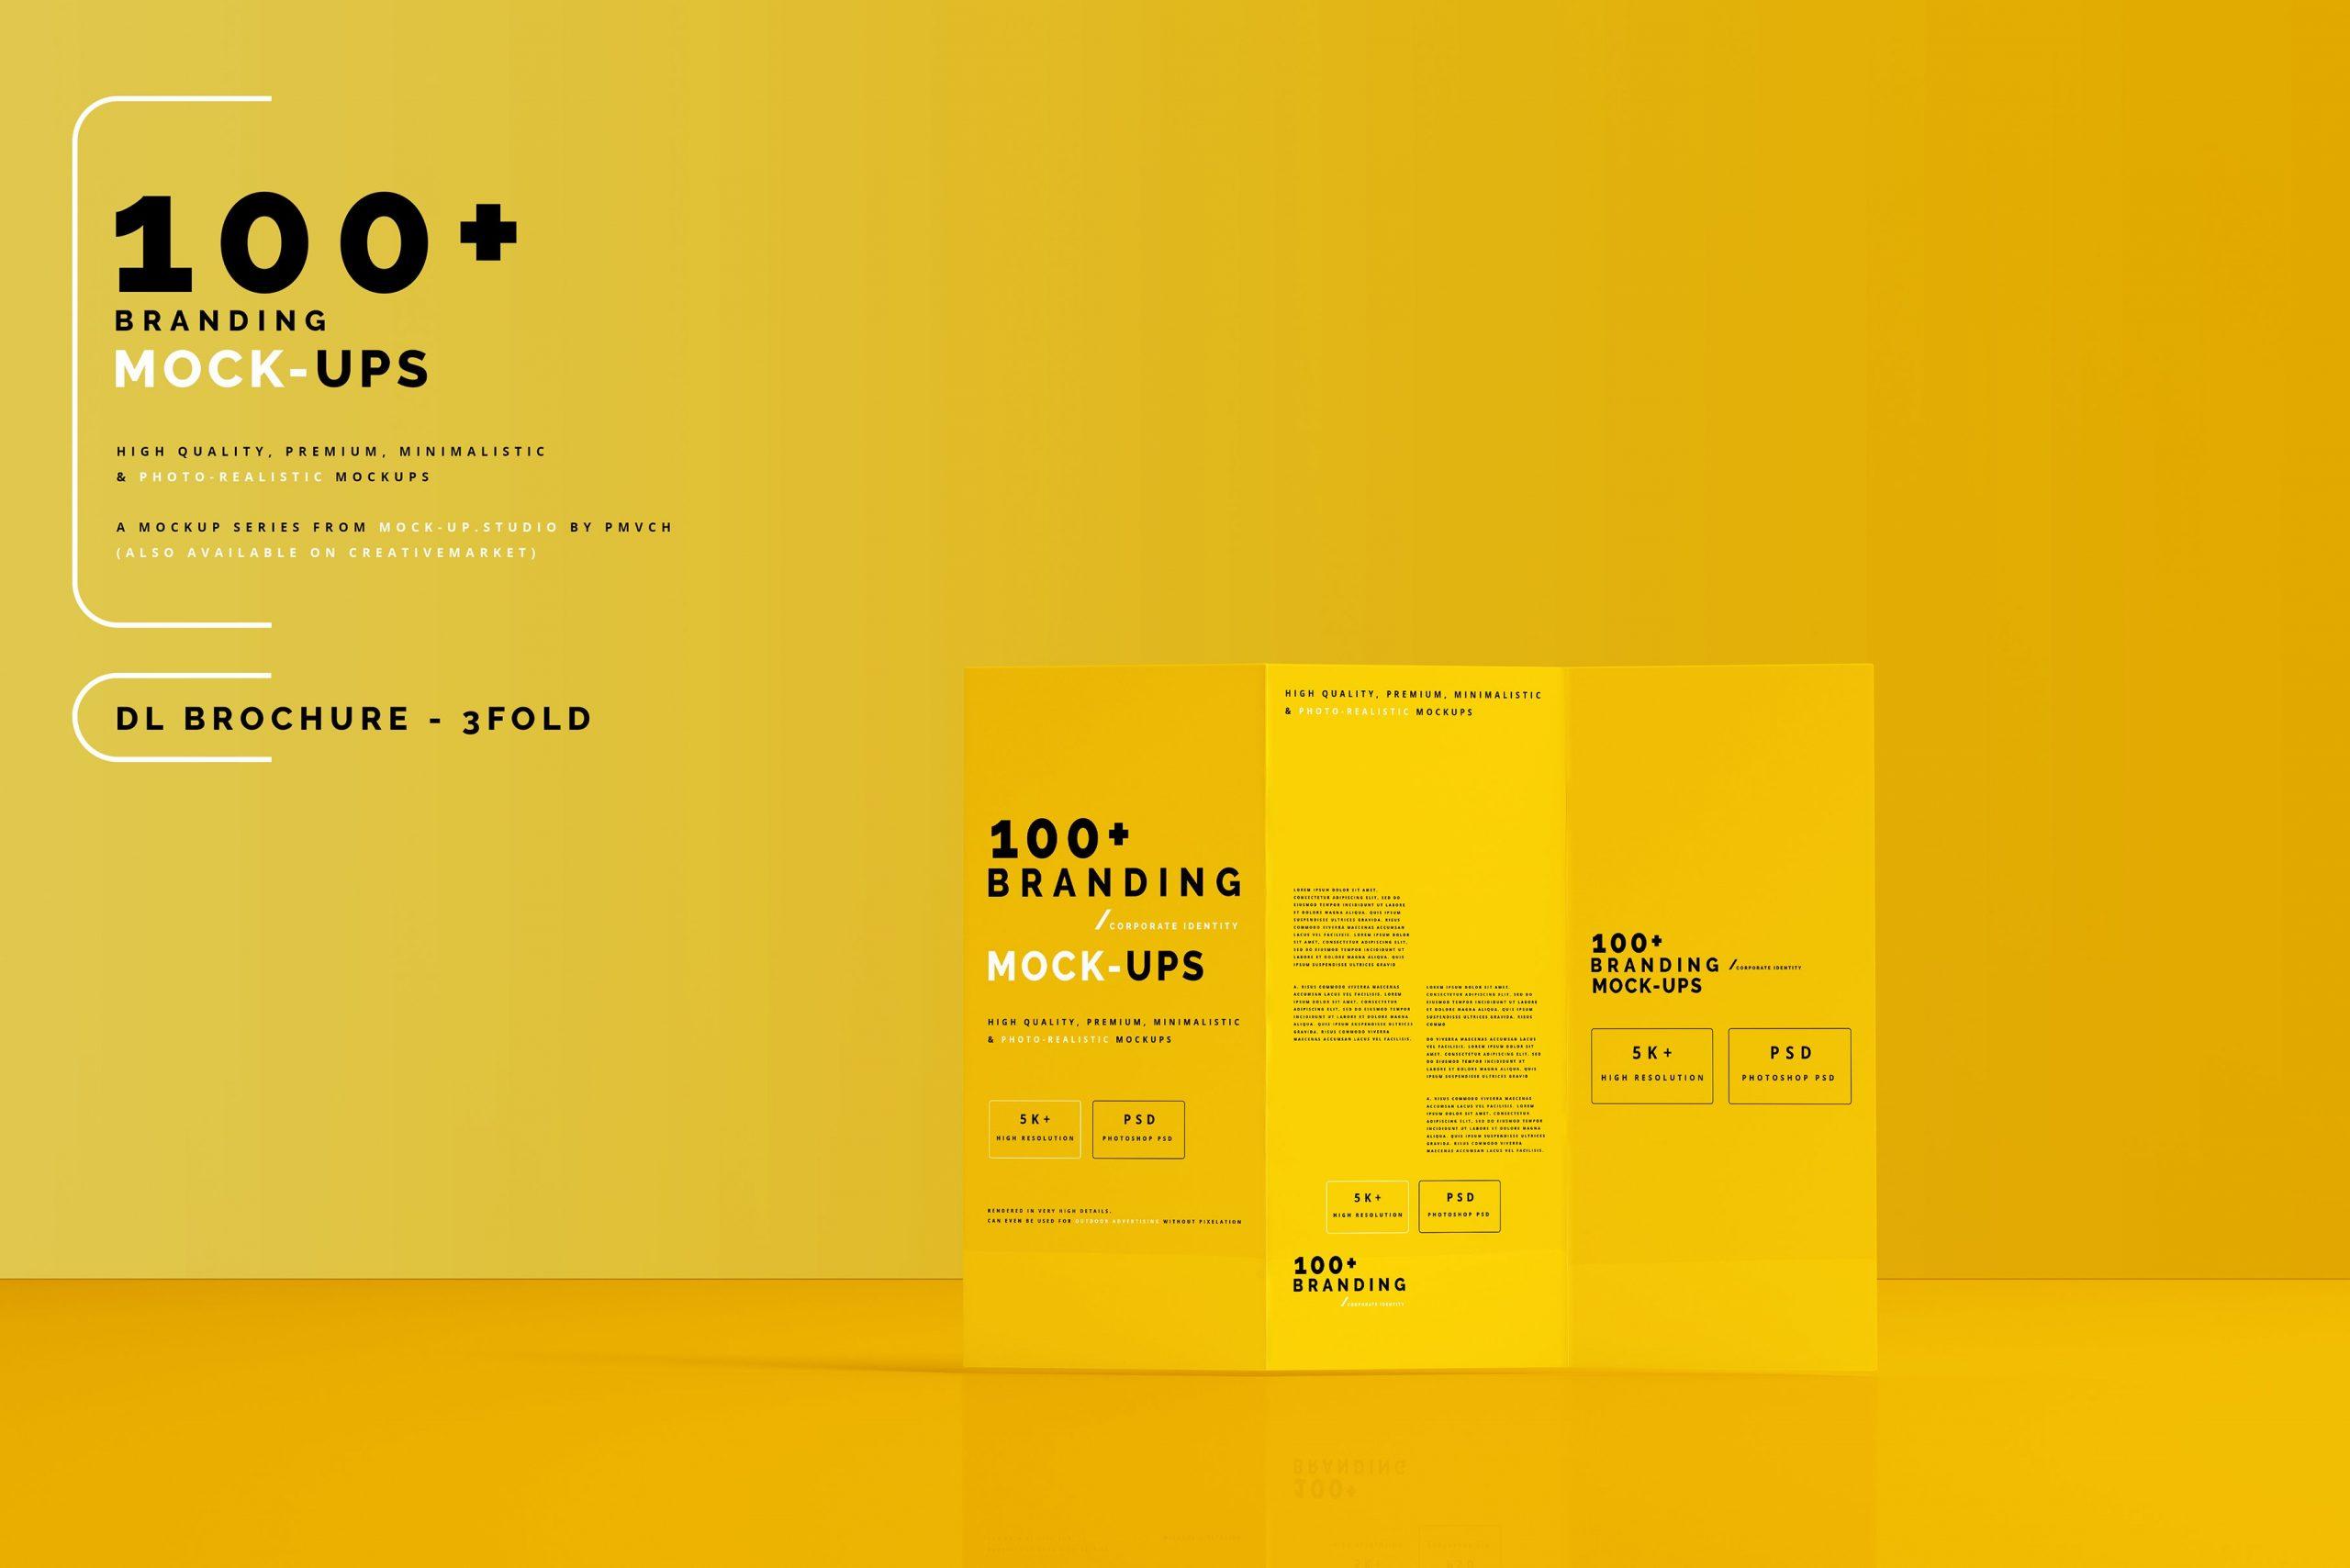 VI样机:100多个宣传册书籍瓶子名片CD封套咖啡杯化妆品海报横幅高分辨率品牌PSD样机(4248)插图(17)